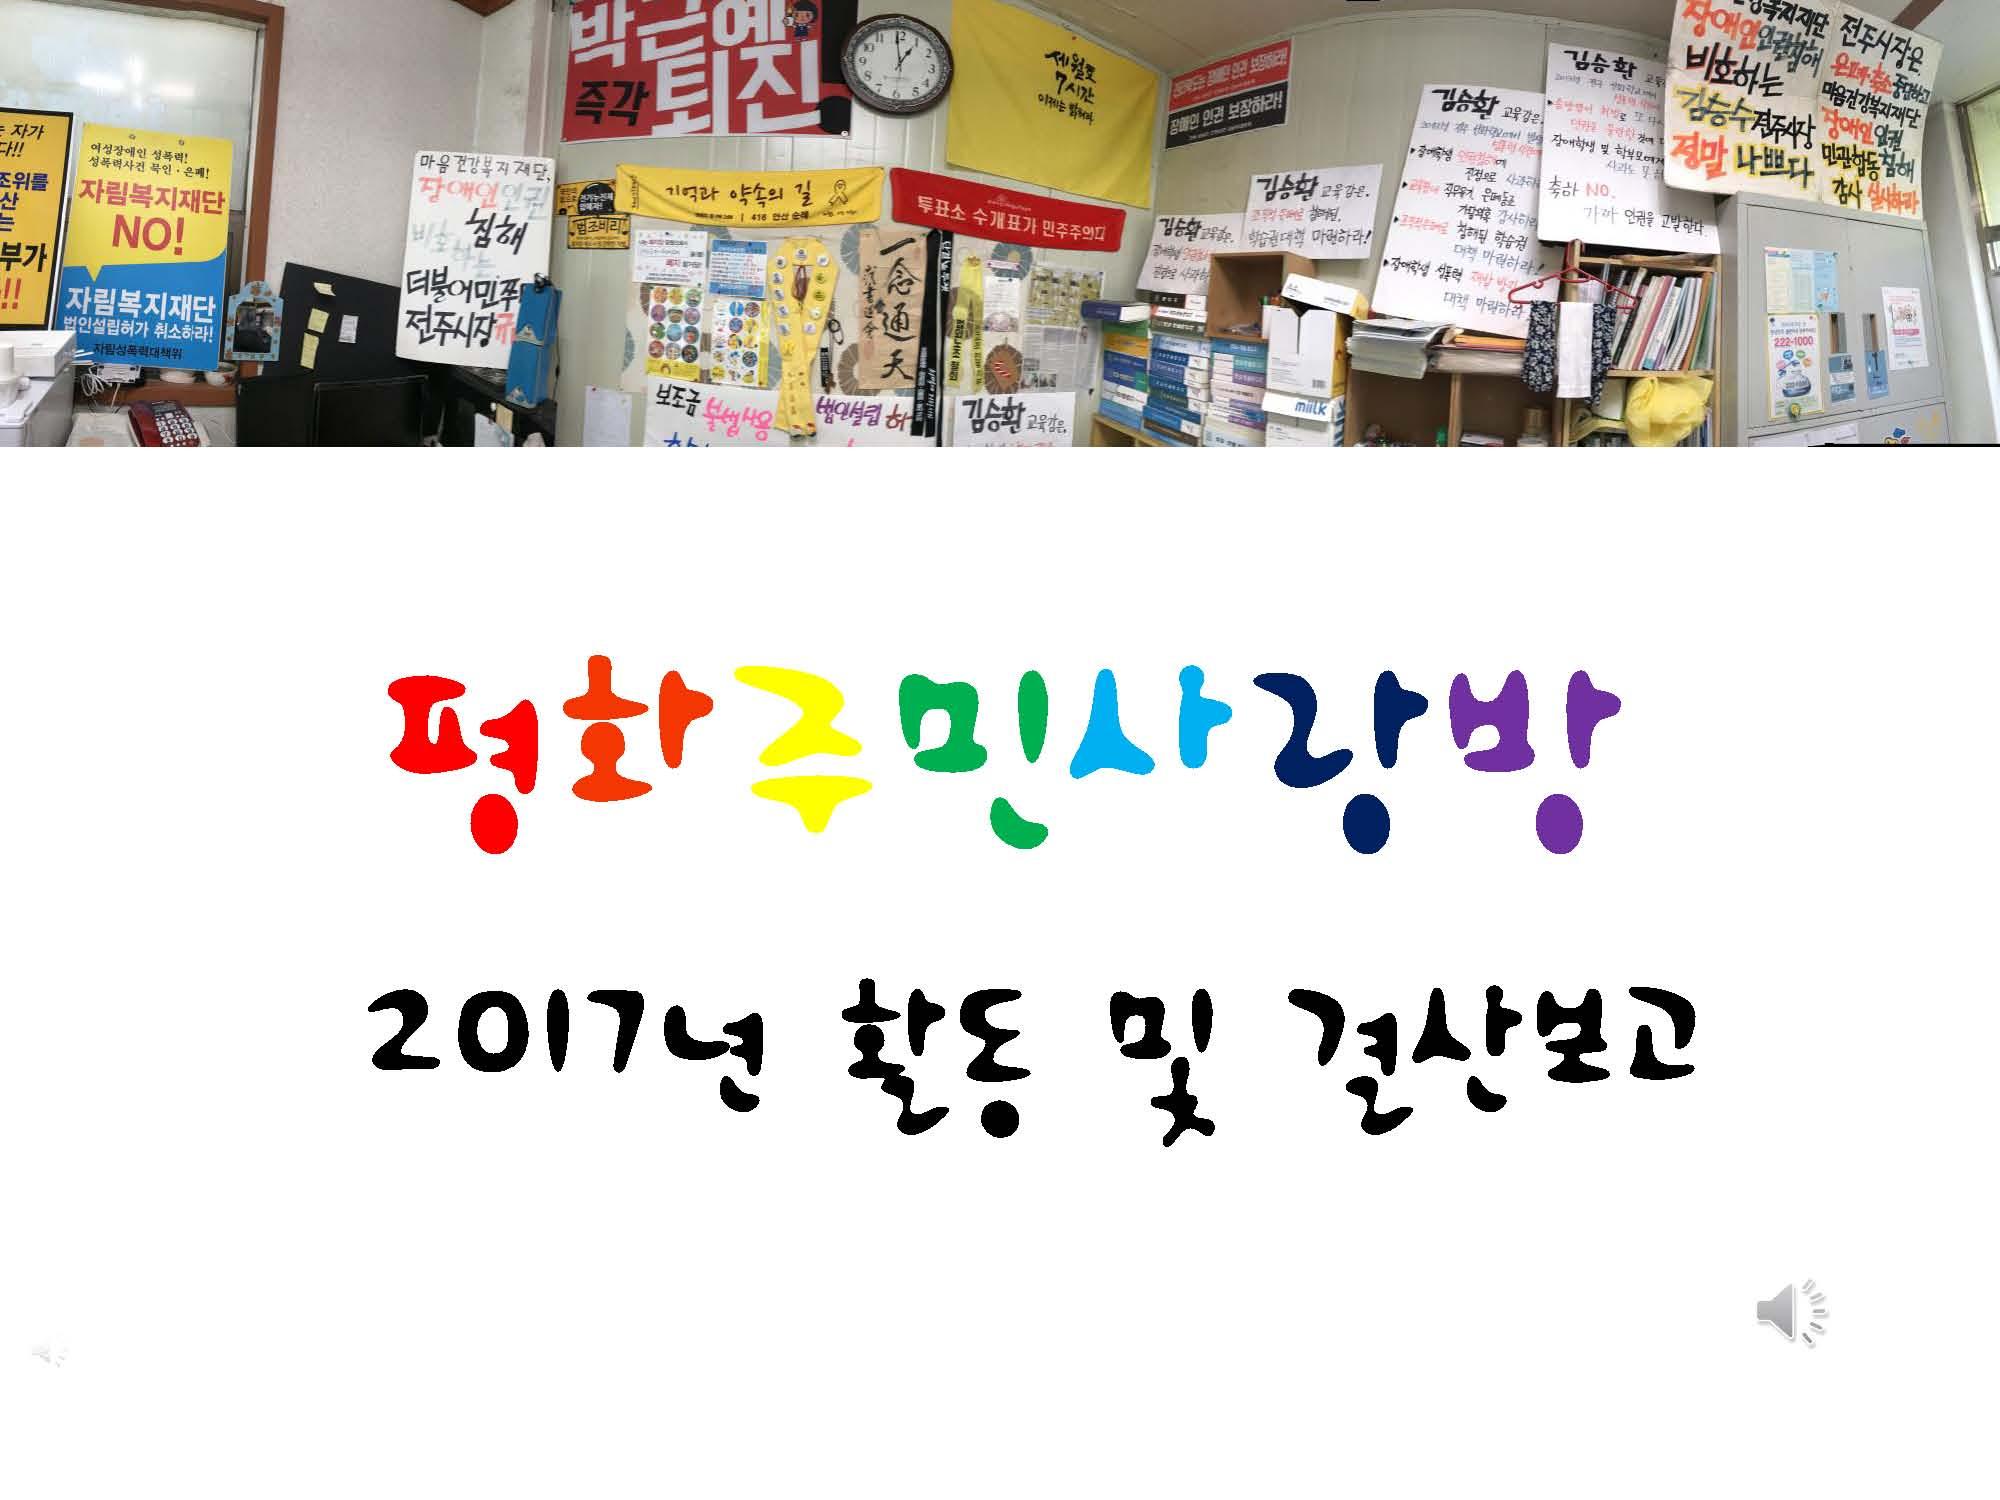 2017년도 평화주민사랑방 활동 및 결산보고_페이지_01.jpg